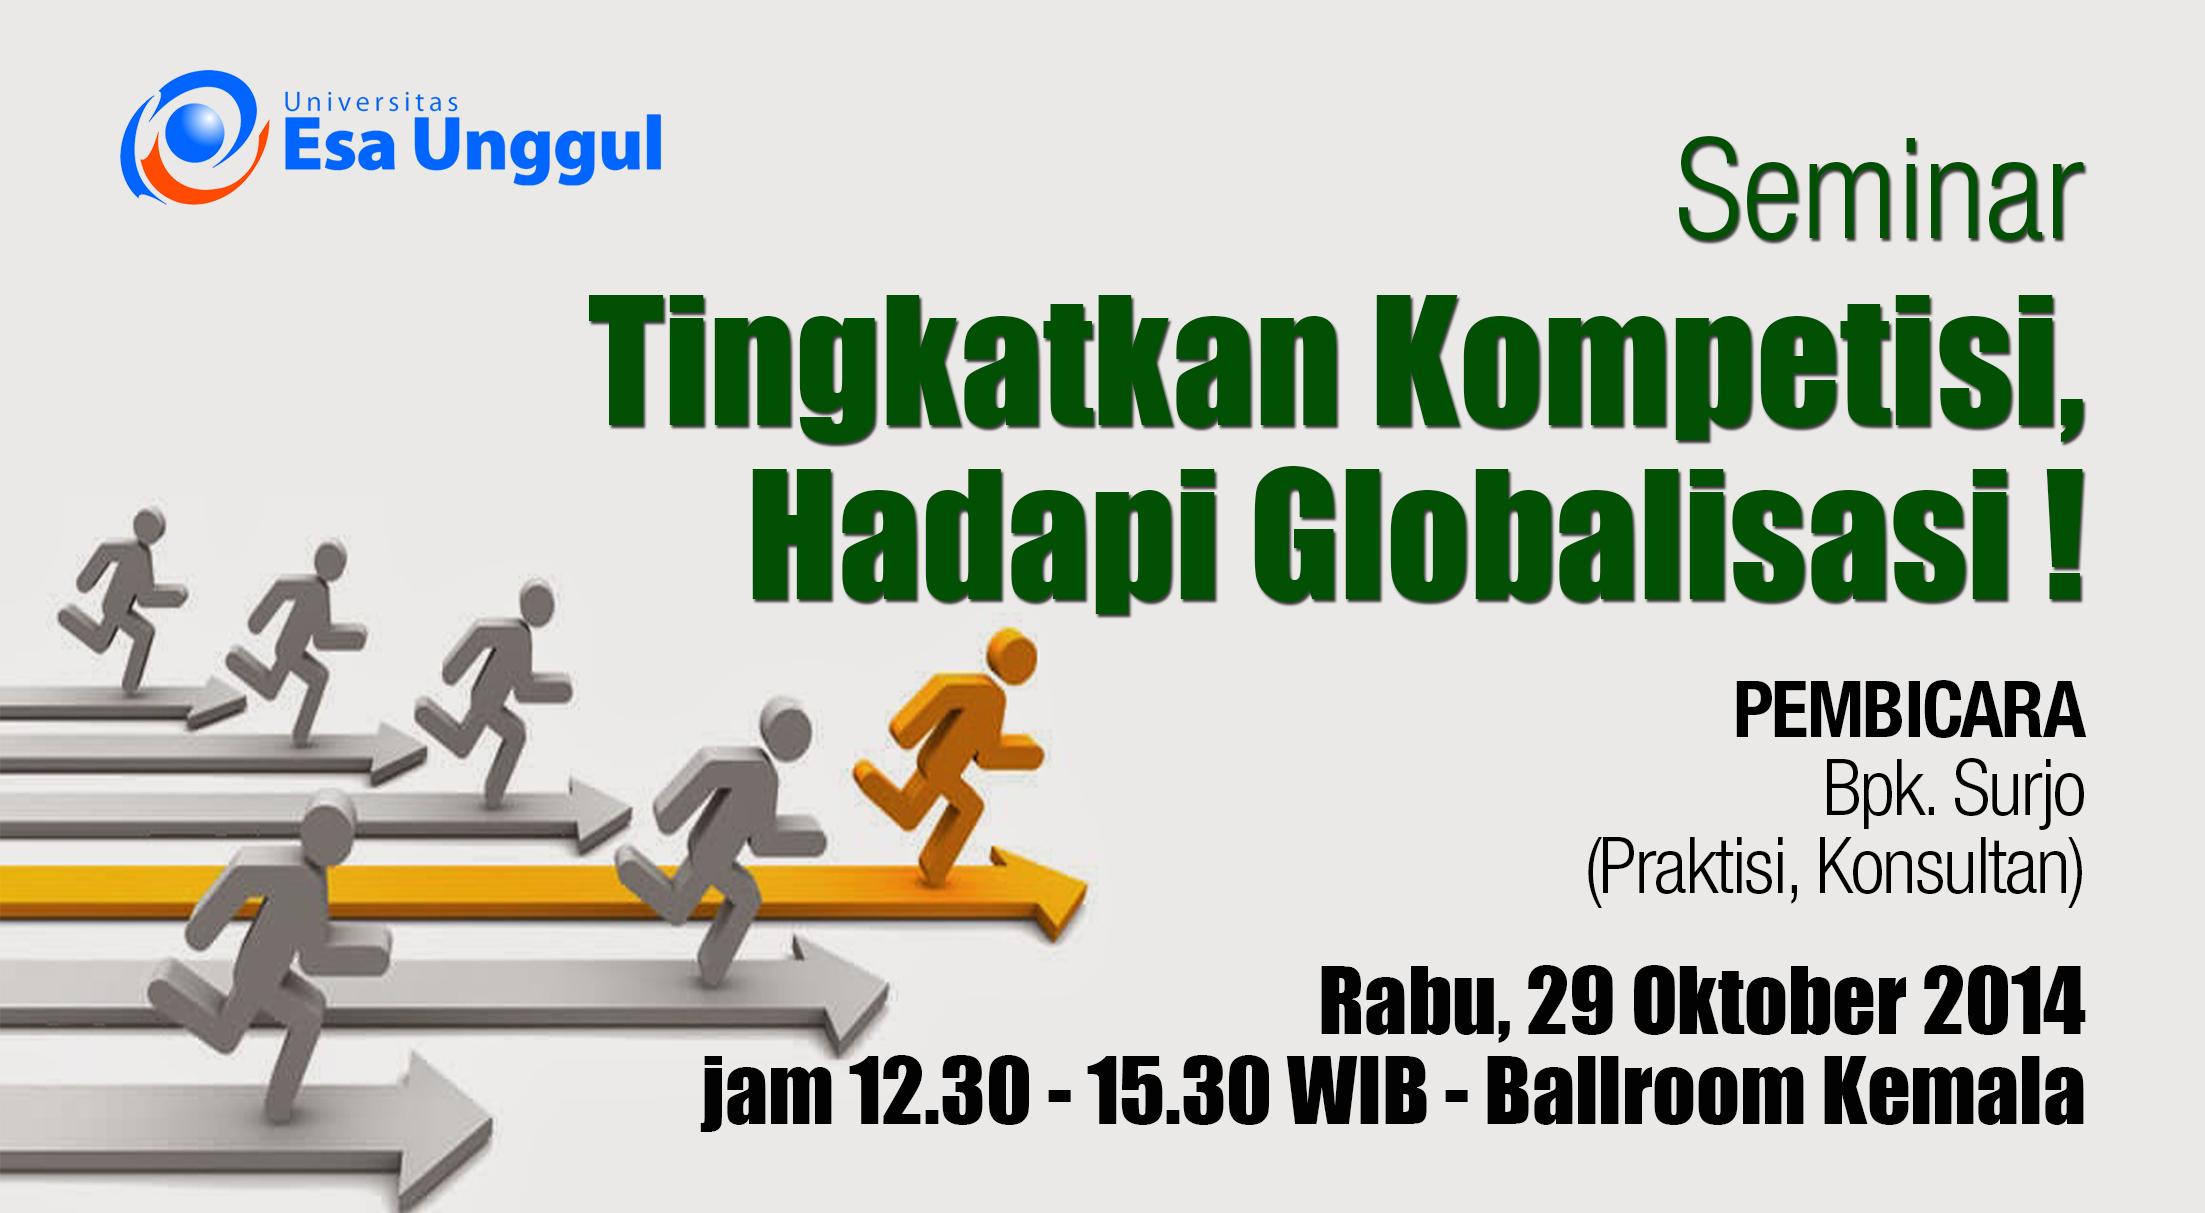 """Universitas Esa Unggul menyelenggarakan Seminar """" Tingkatkan Kompetisi, Hadapi Globalisasi!"""" untuk Program Reguler pada tanggal Rabu, 29 Oktober 2014"""